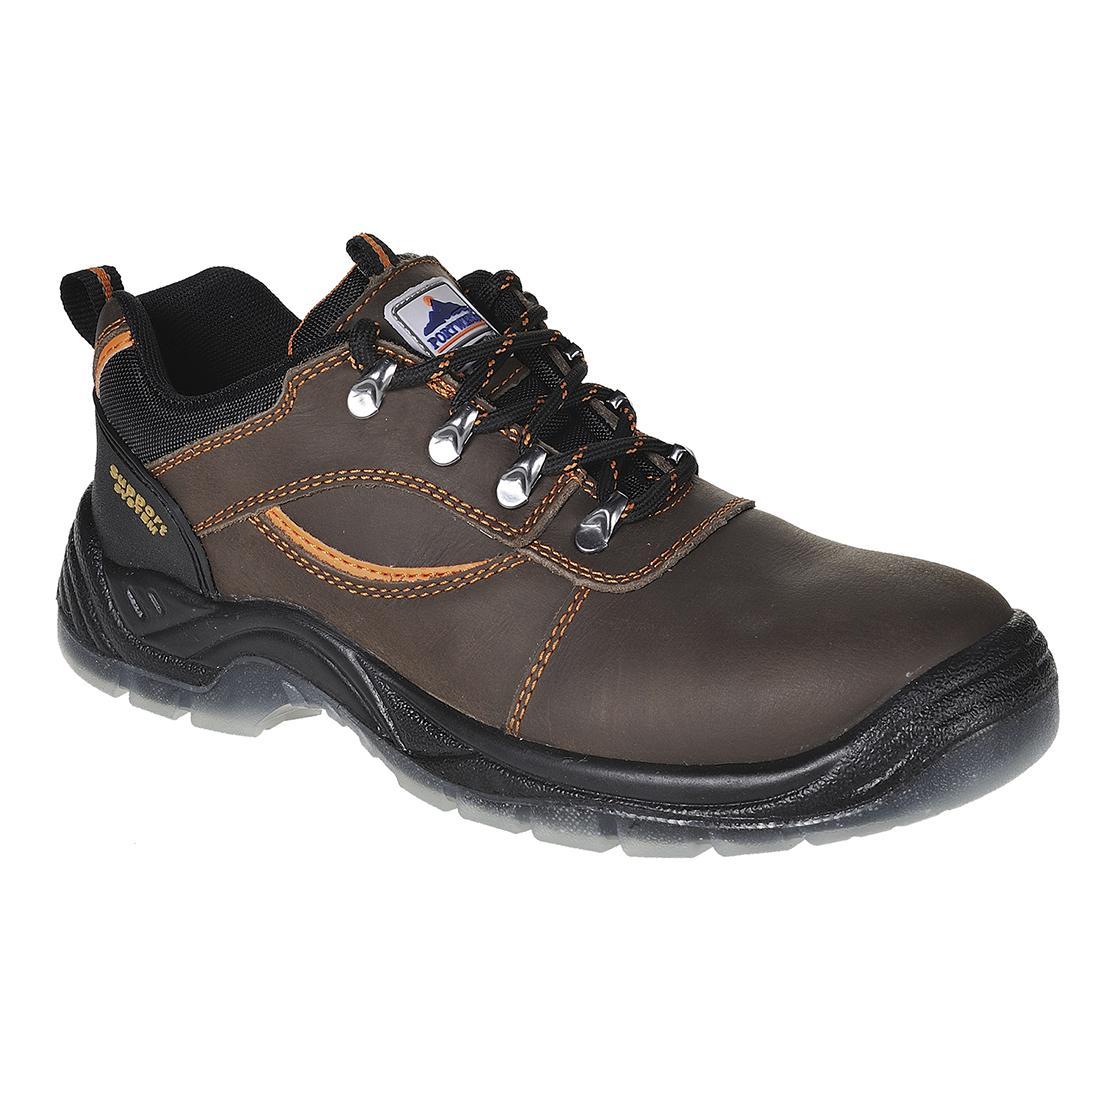 Fw59brr s3 chaussure de securite